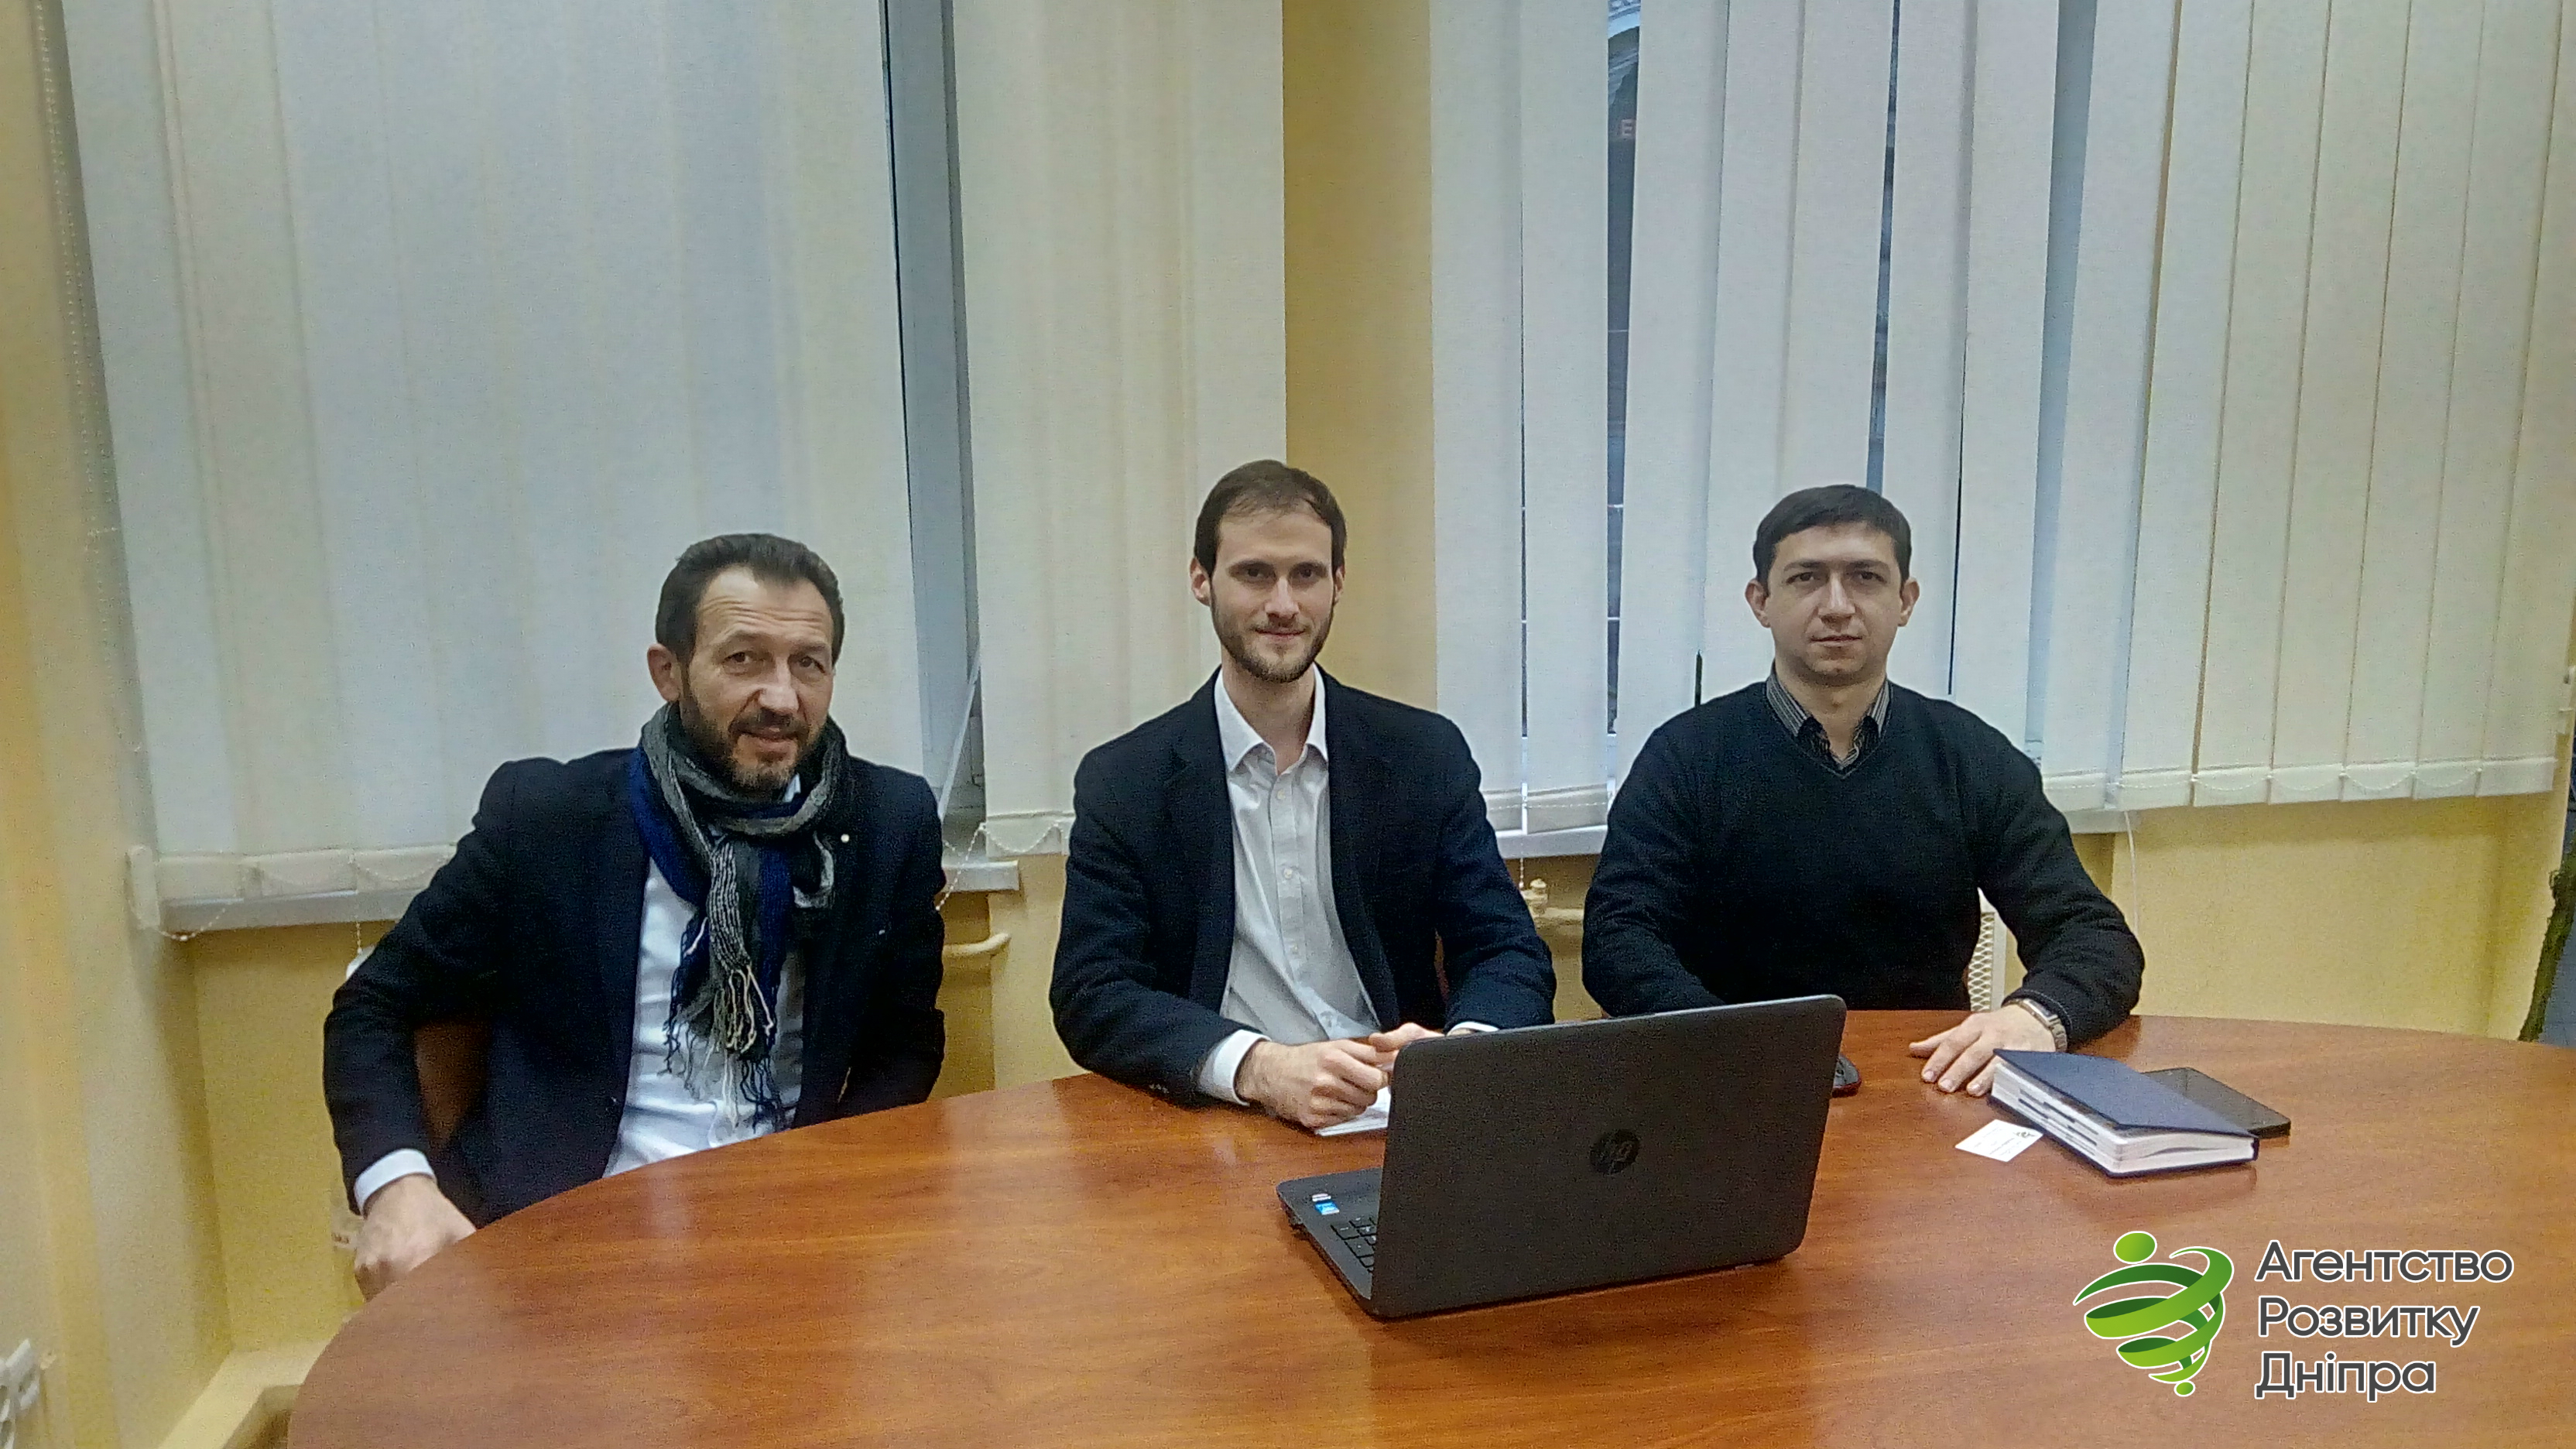 «Агентство розвитку Дніпра» співпрацюватиме із BETEN International у сфері управління відходами та розбудові сонячних електростанцій у Дніпрі